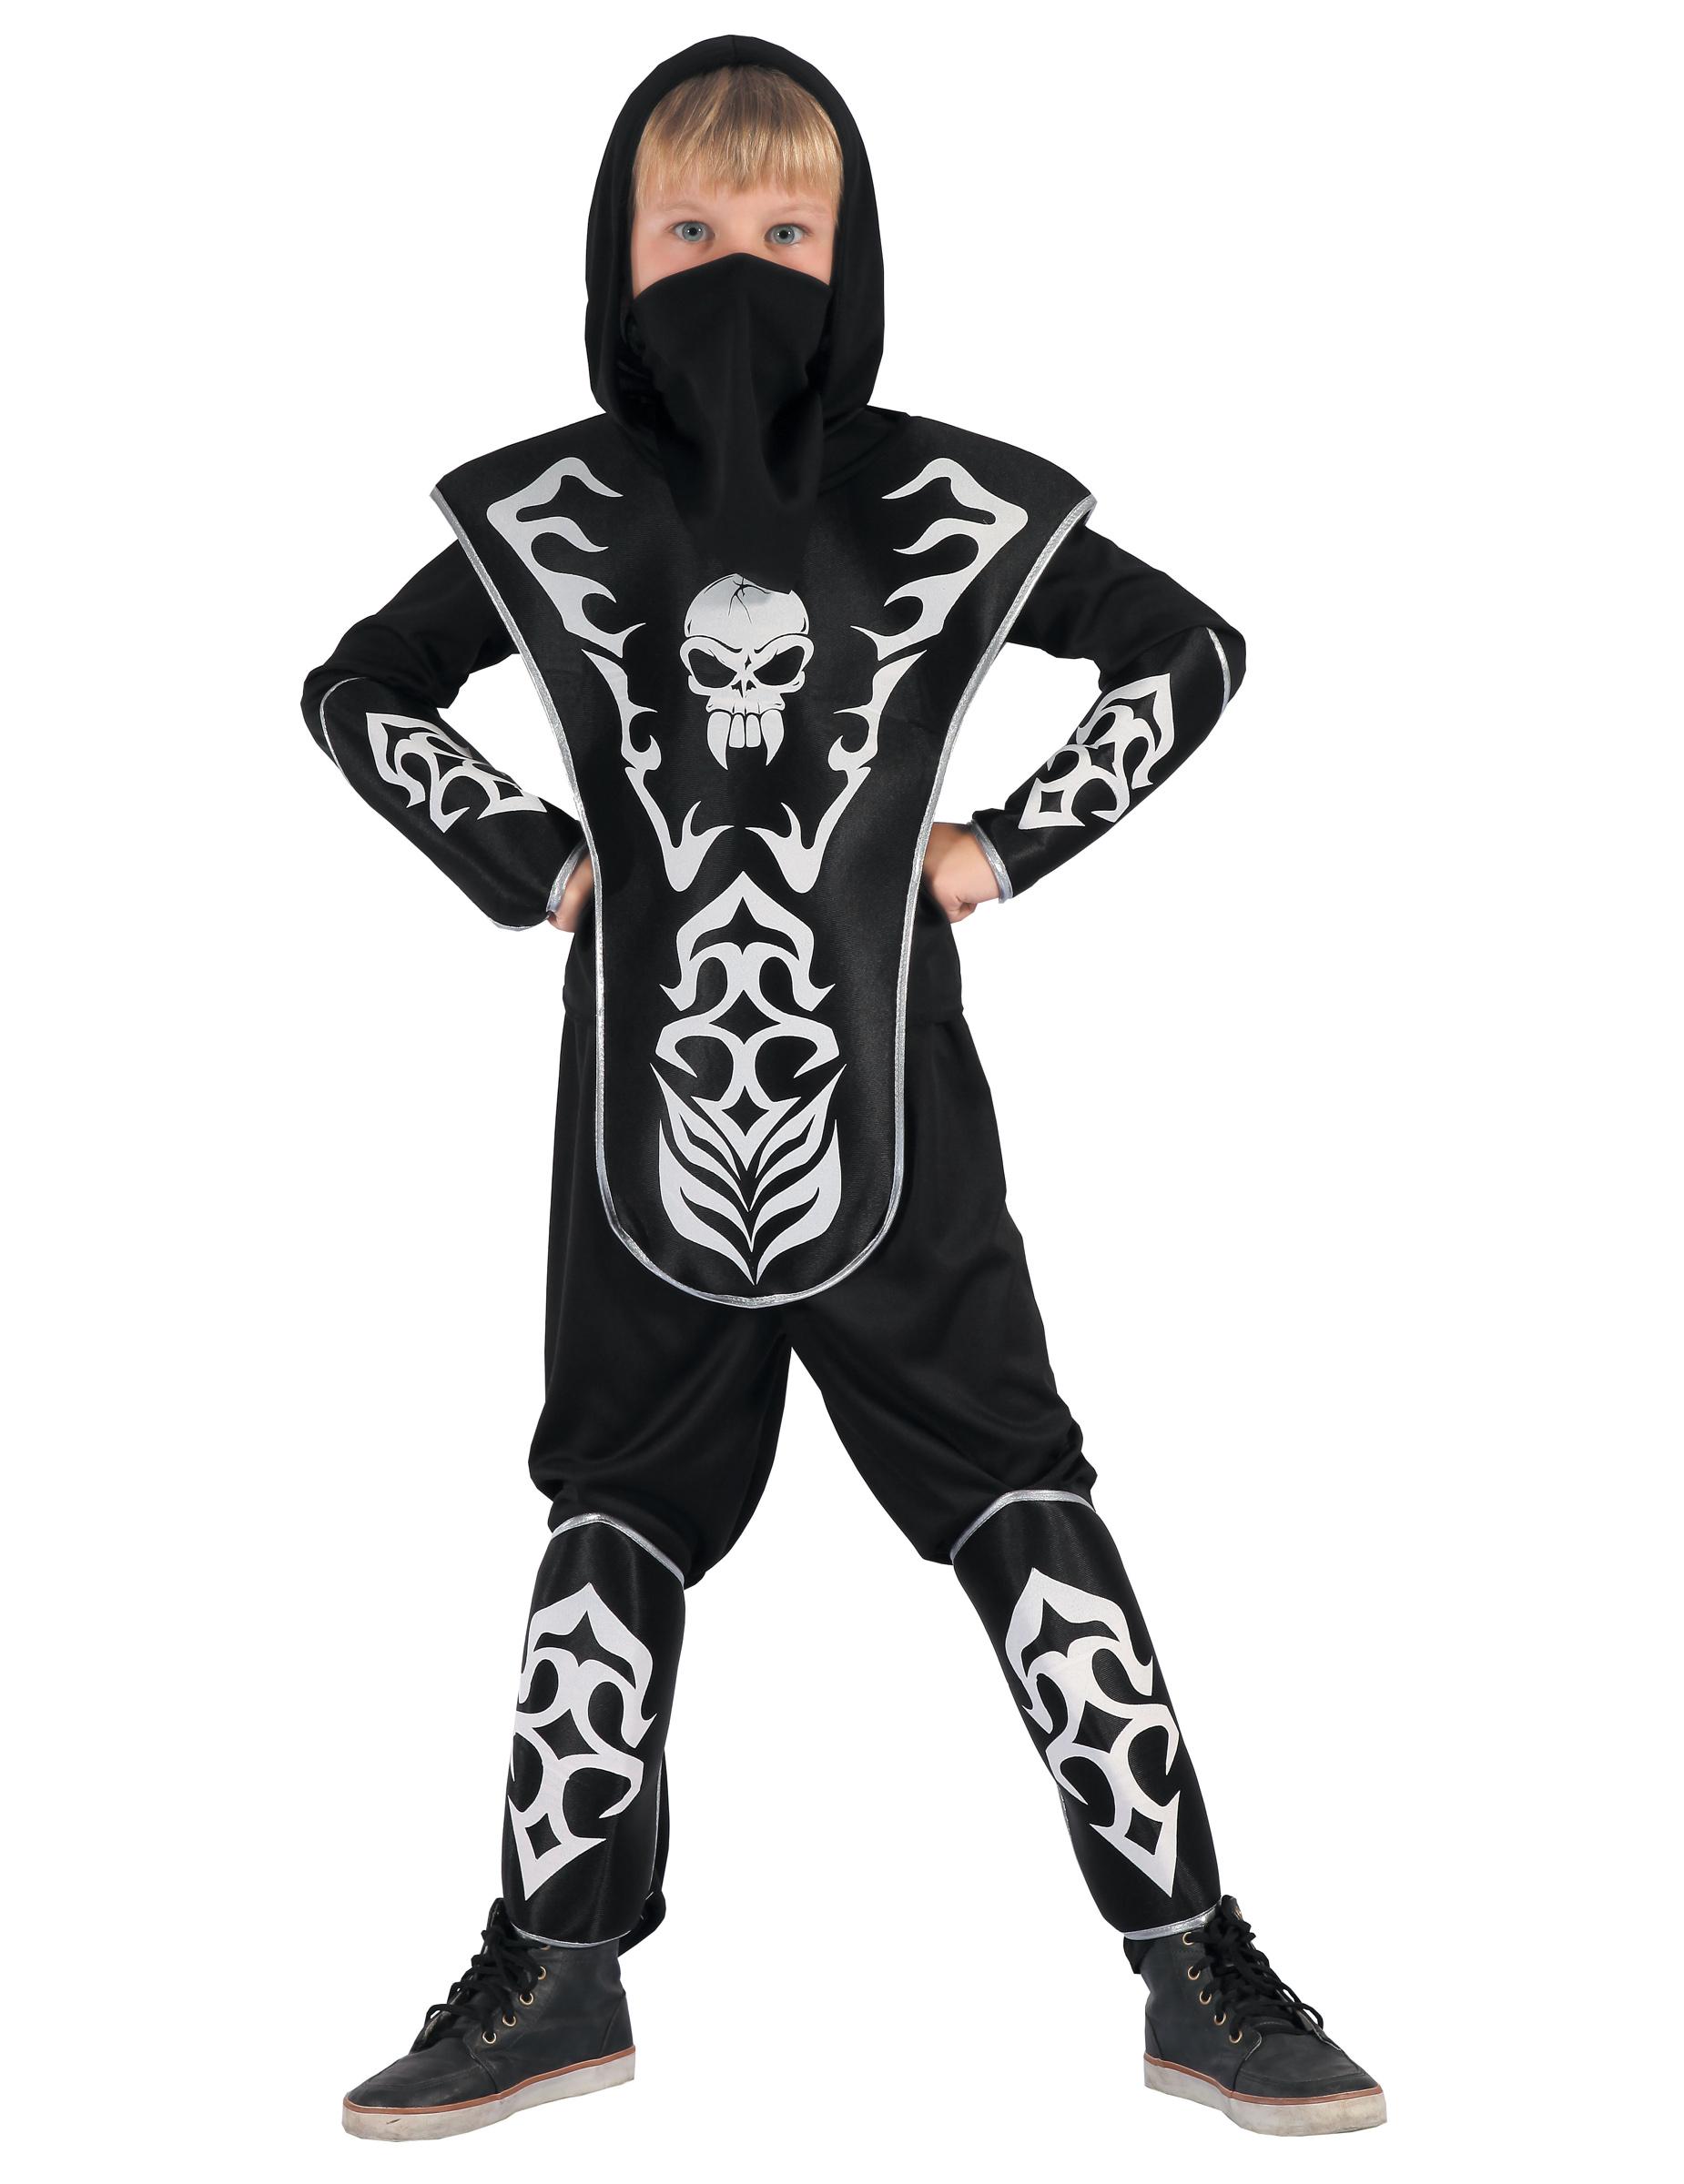 Bambini Ninja SPADA in plastica di armi giocattolo Set adolescente Ranger Costume Accessorio